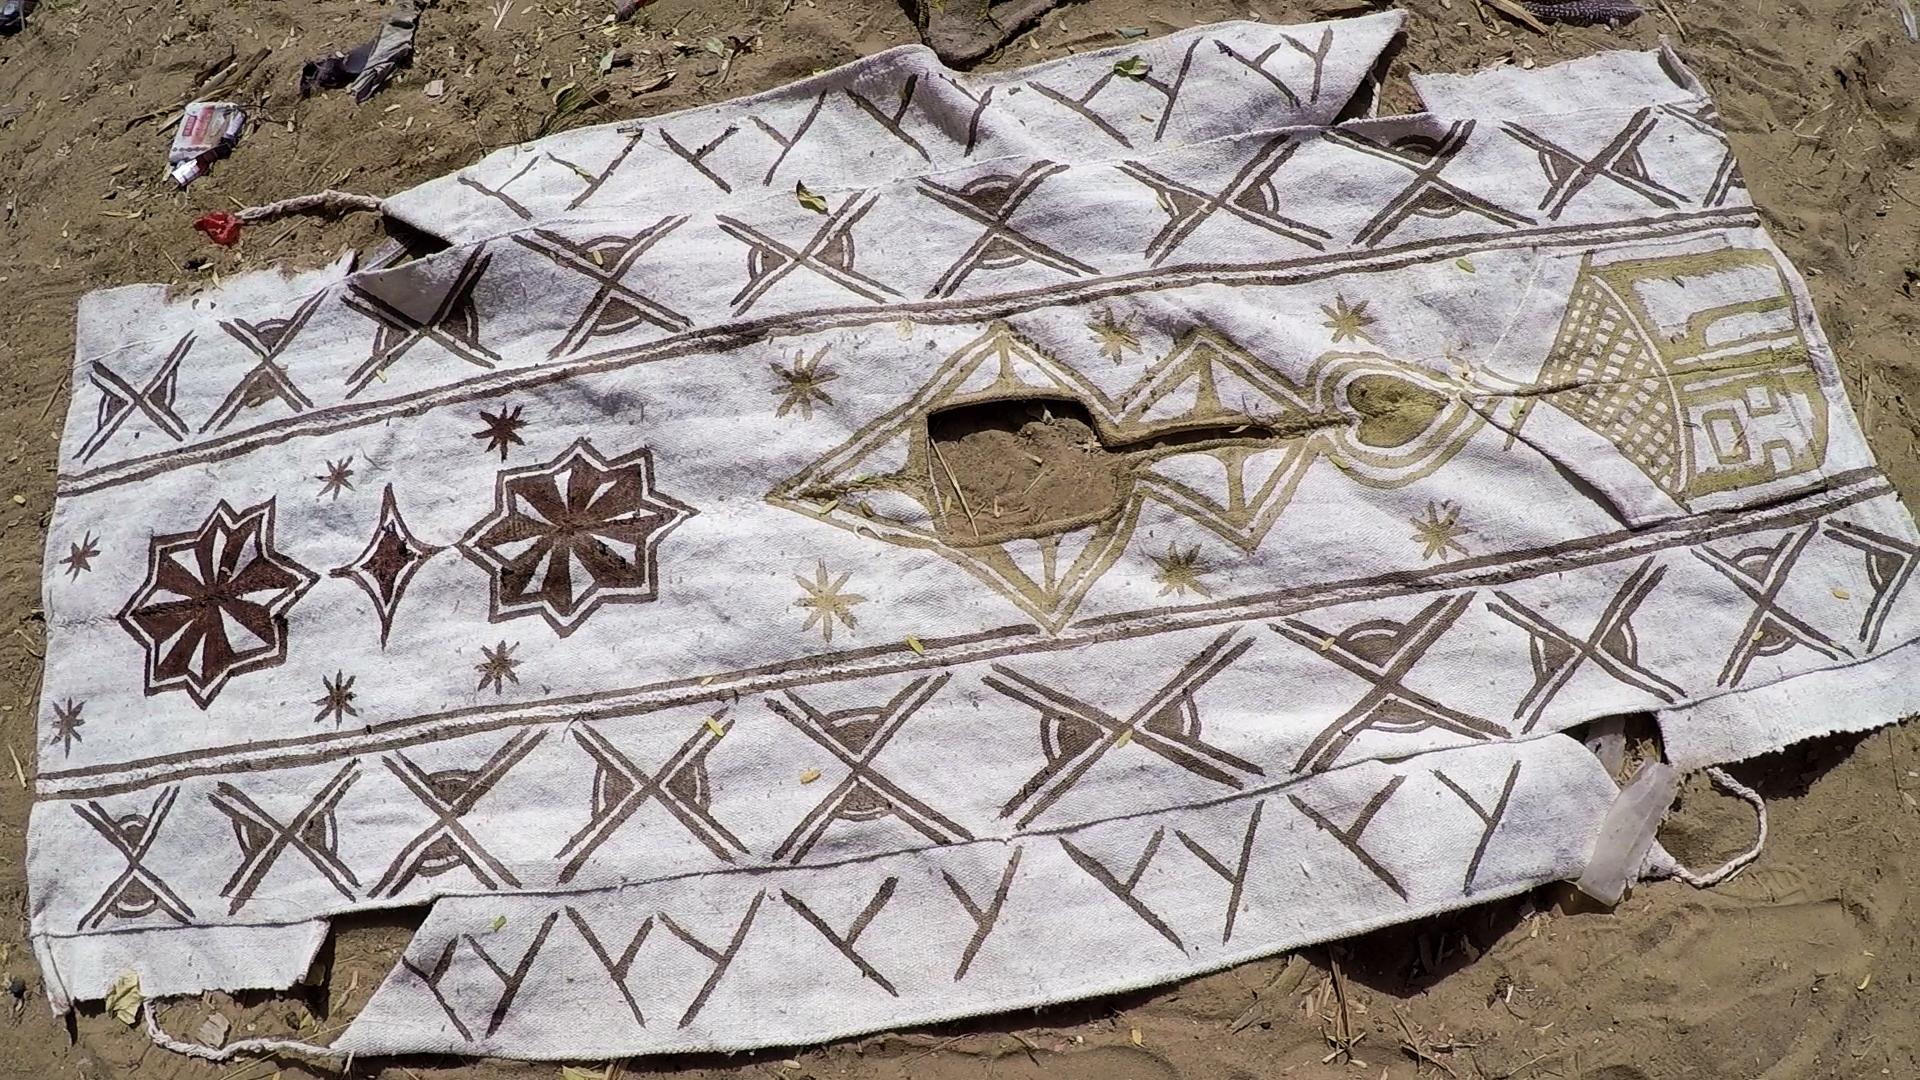 bogolan dogon pablocaminante - Malí 8, País Dogon V: moda, arte y religión